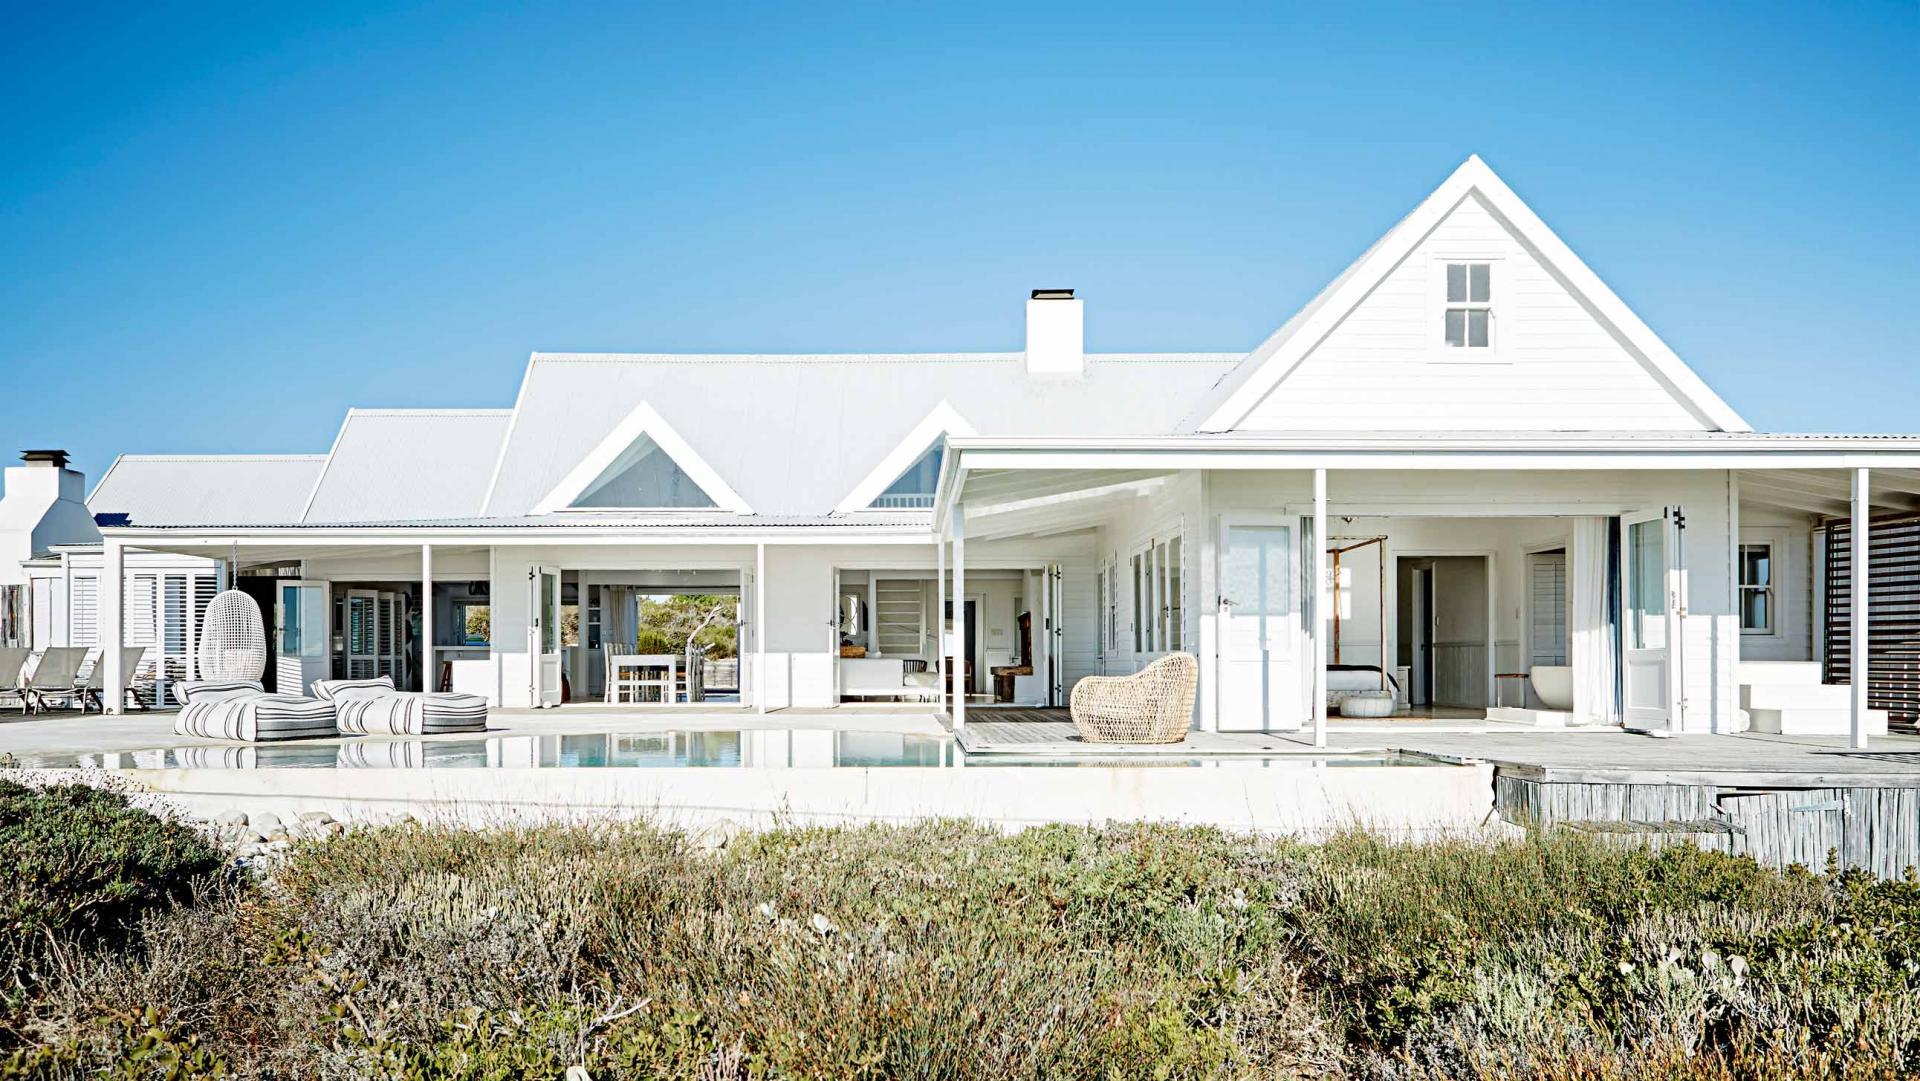 01-casa-toda-branca-se-abre-para-a-praia-na-africa-do-sul